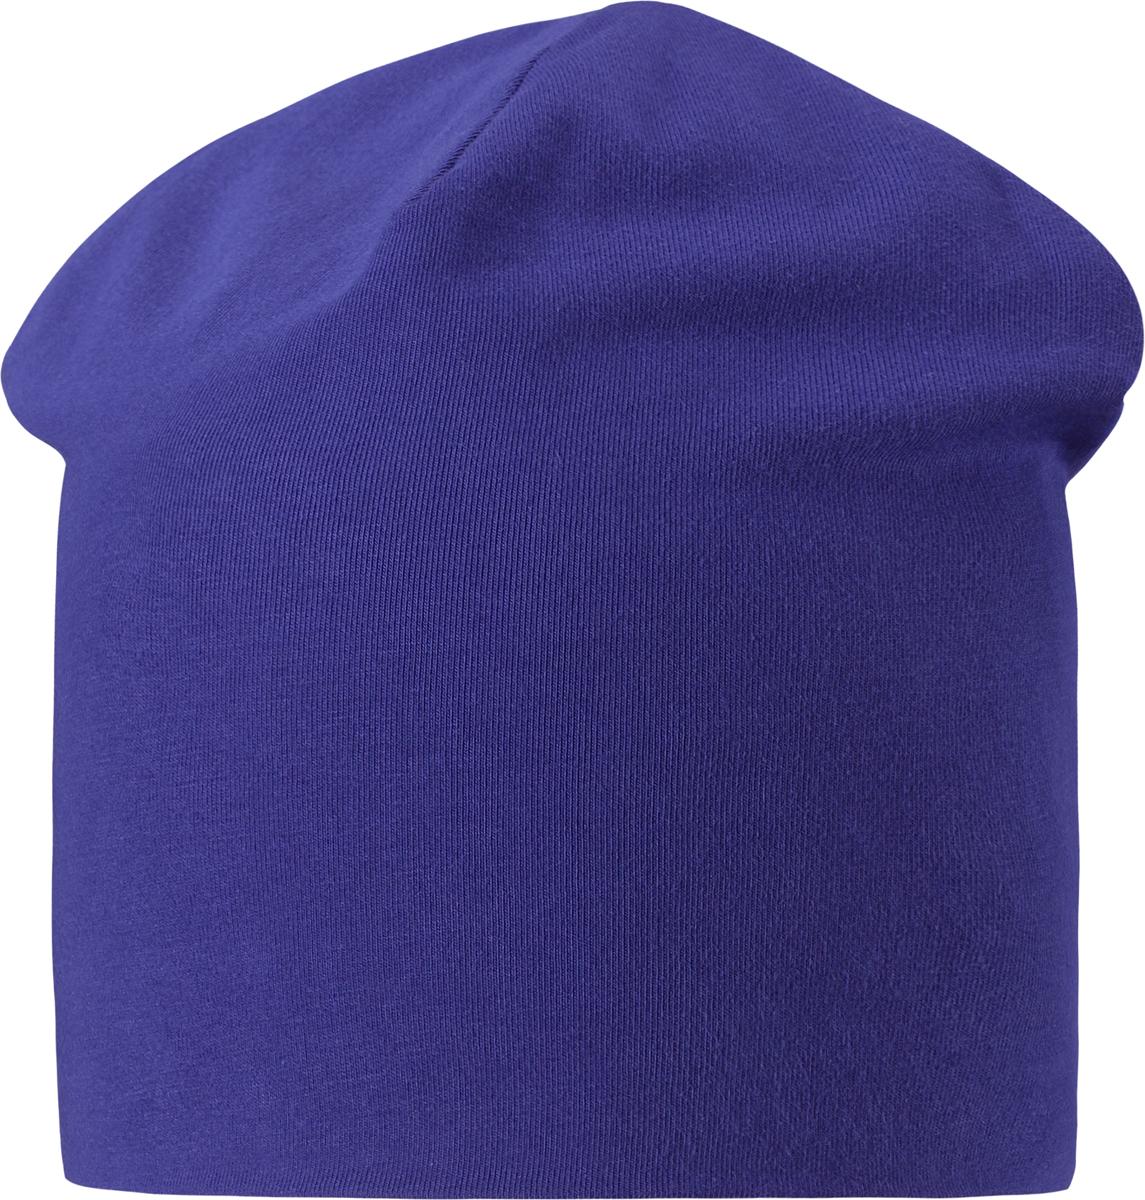 Шапка для мальчика Lassie, цвет: синий. 7287056691. Размер 46/48